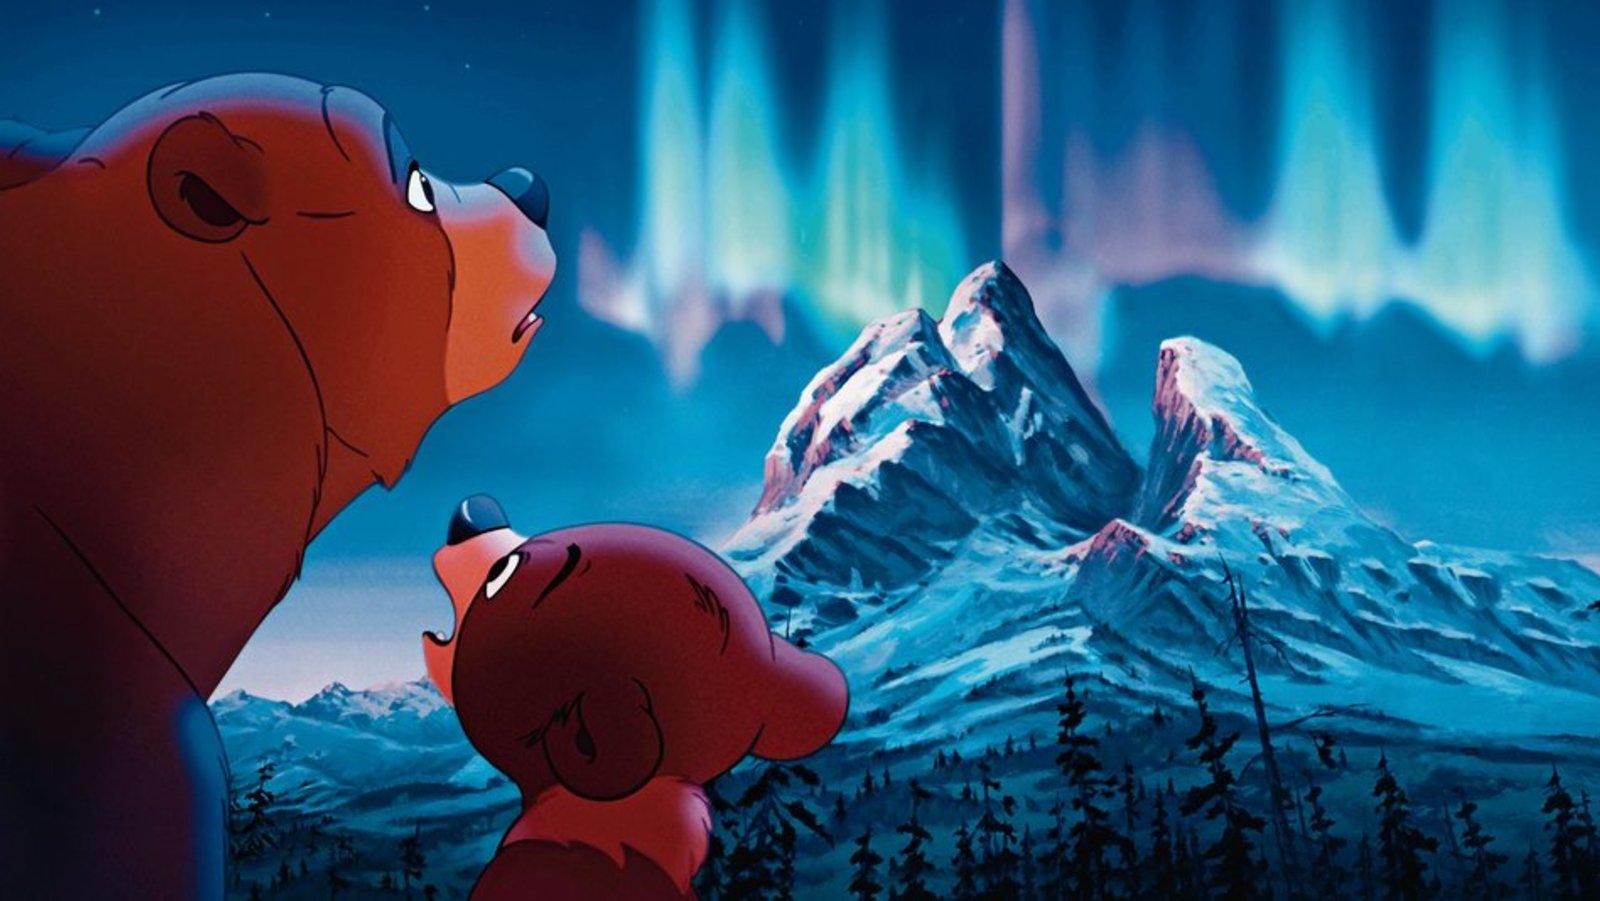 Kino Bären